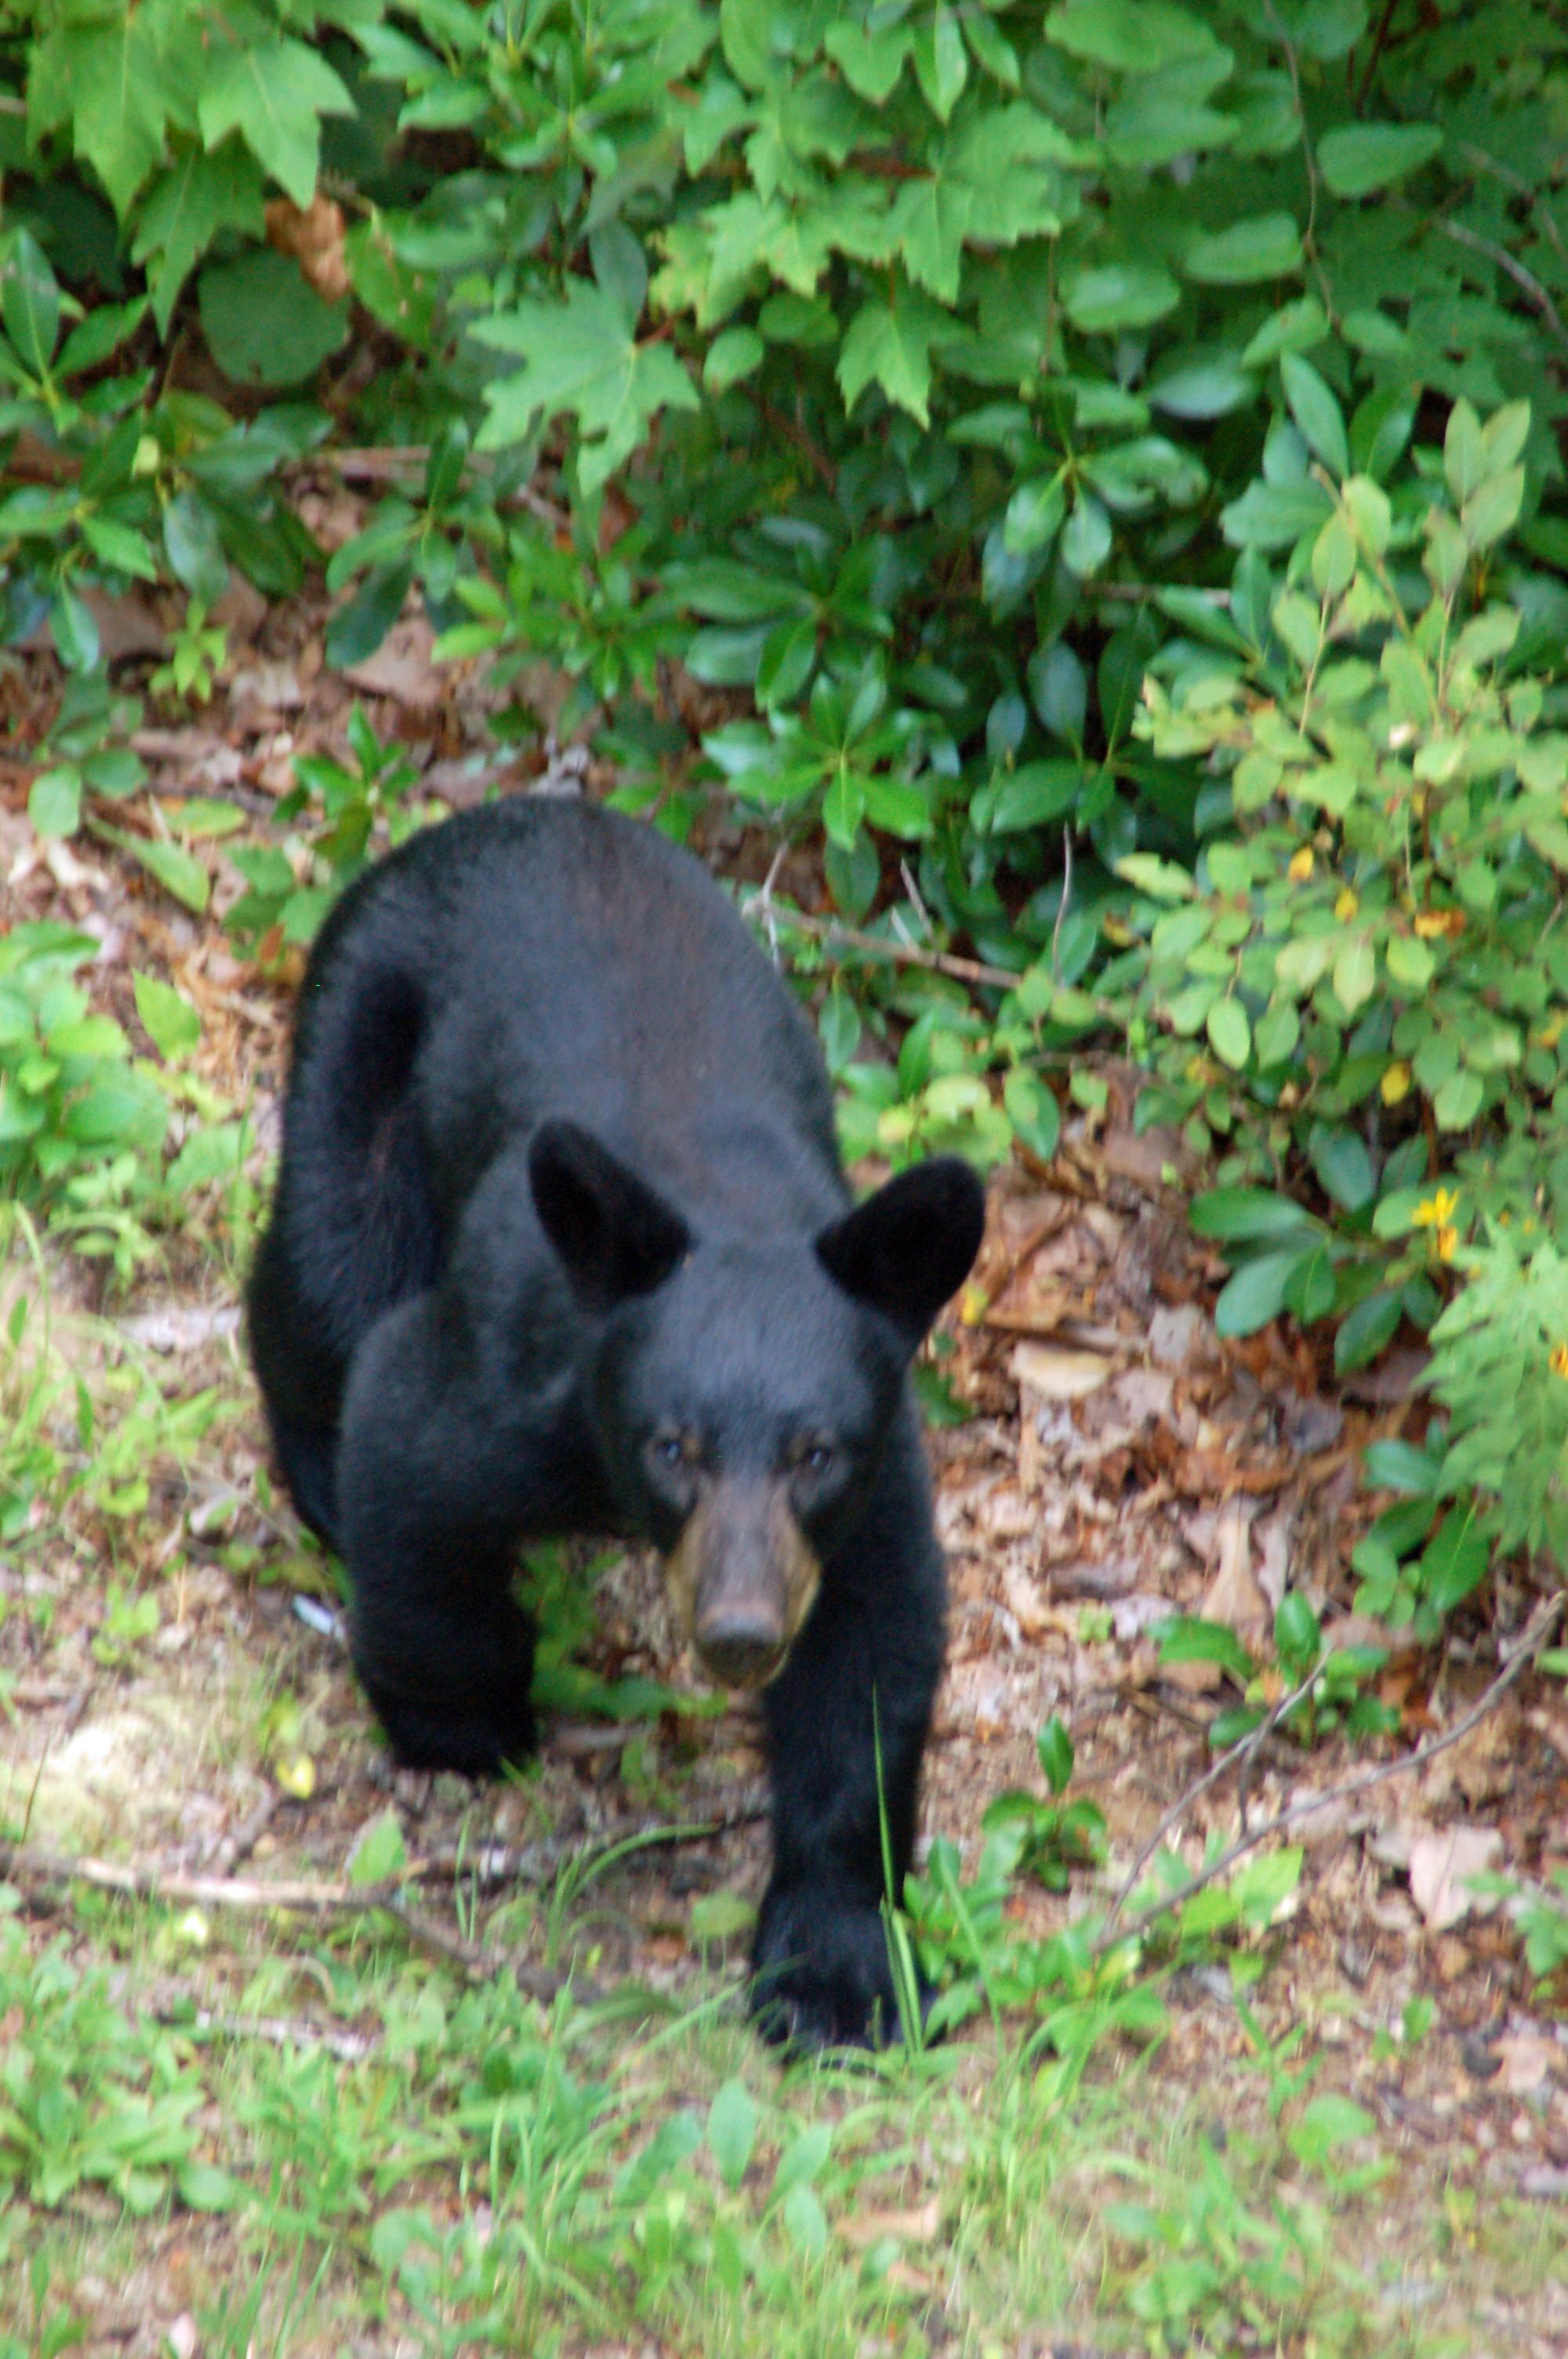 wildlife around the area